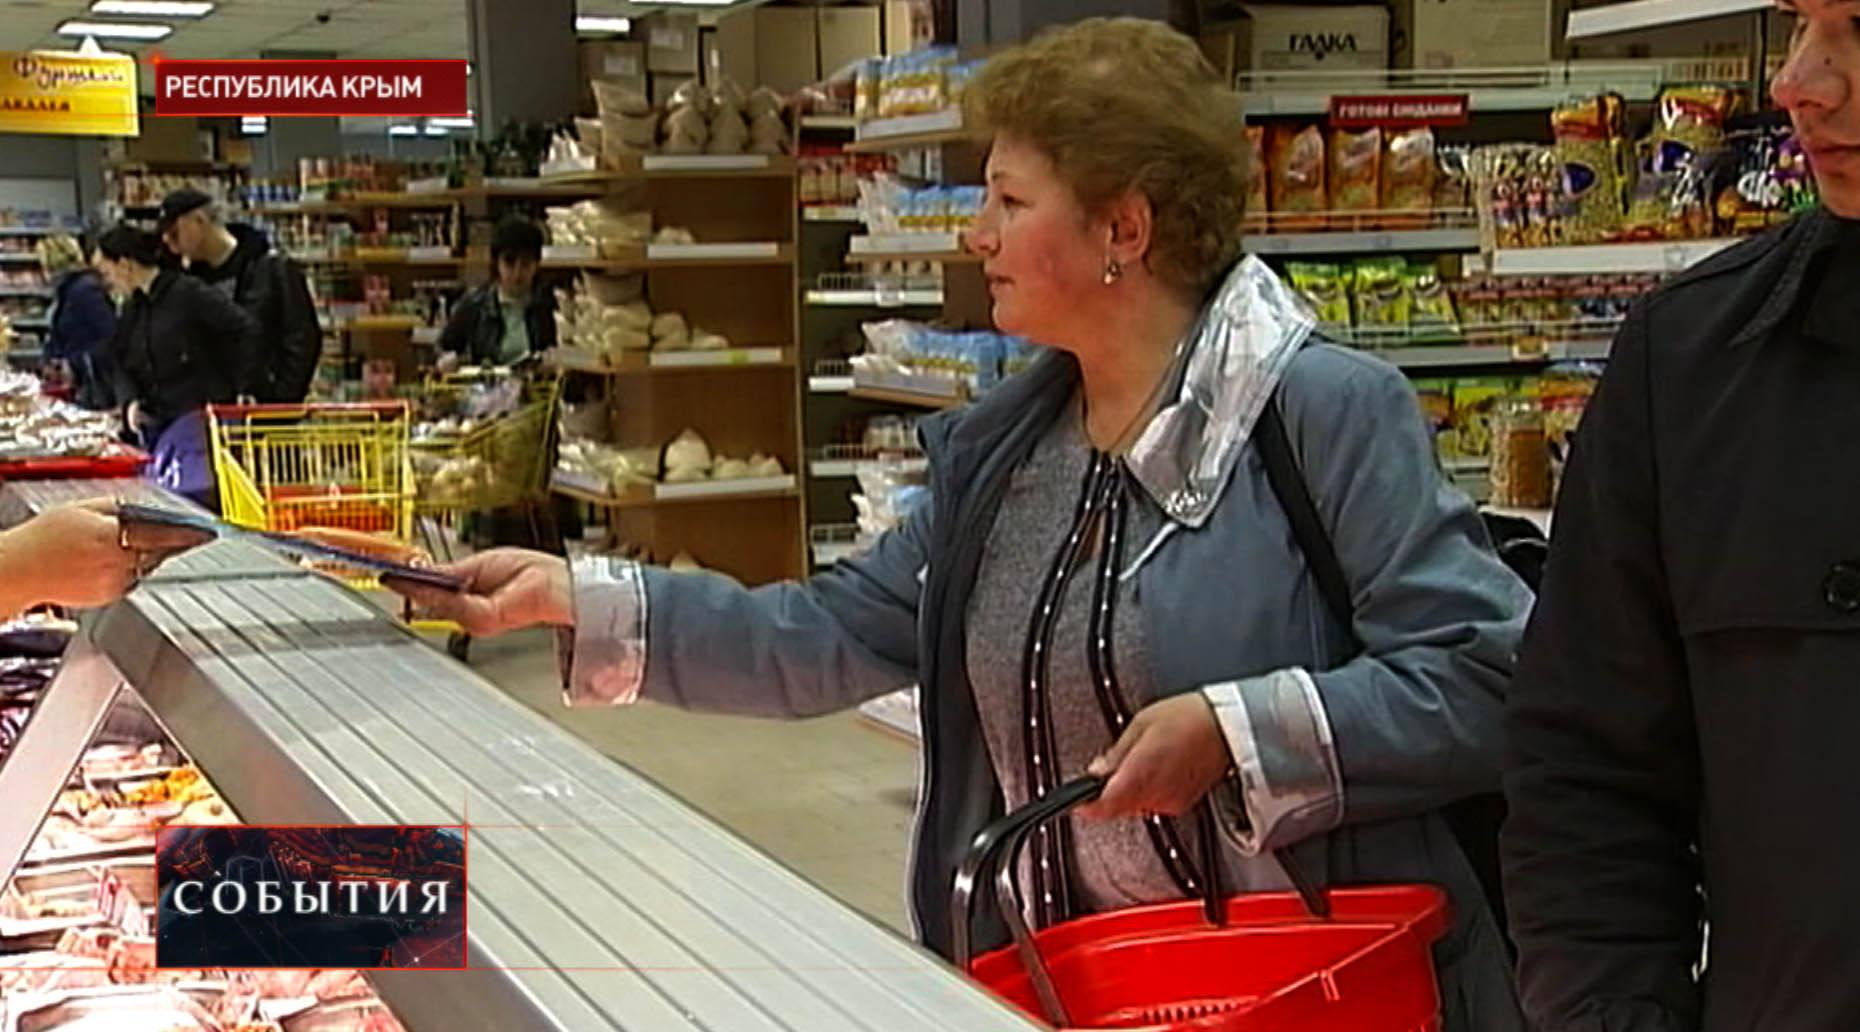 Пенсионерка покупает продукты